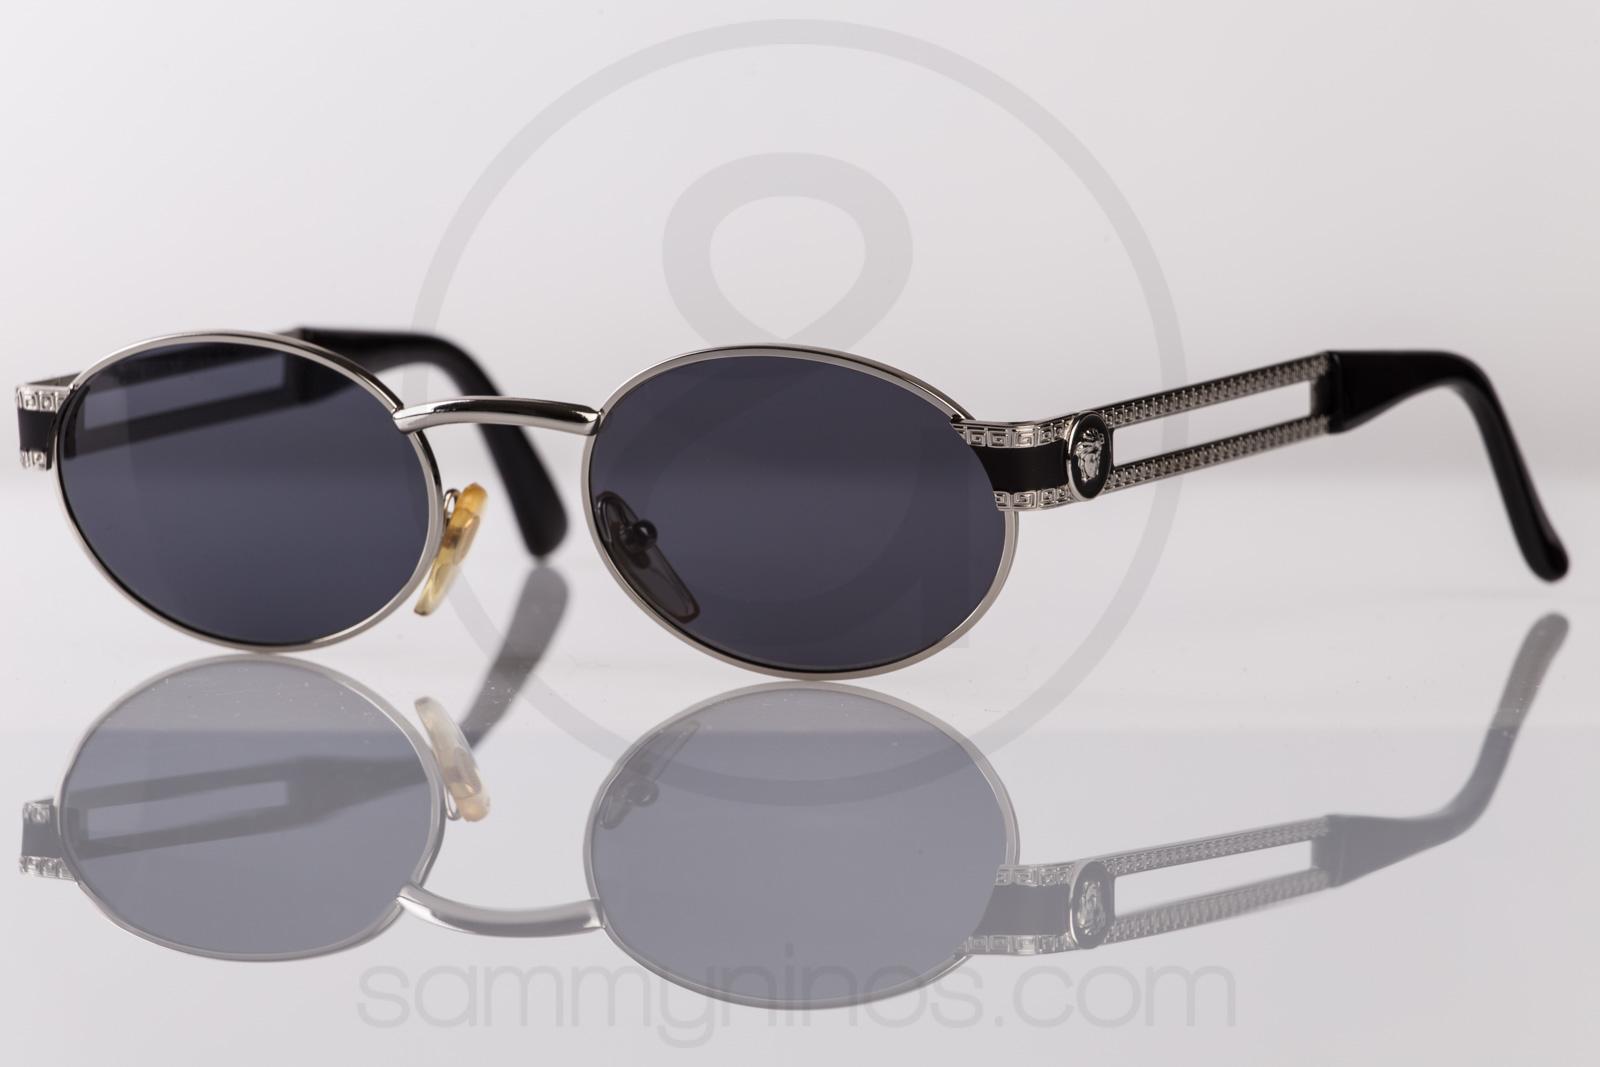 fb11eccc95 Gianni Versace S68 56M – Sammy & Nino's Store